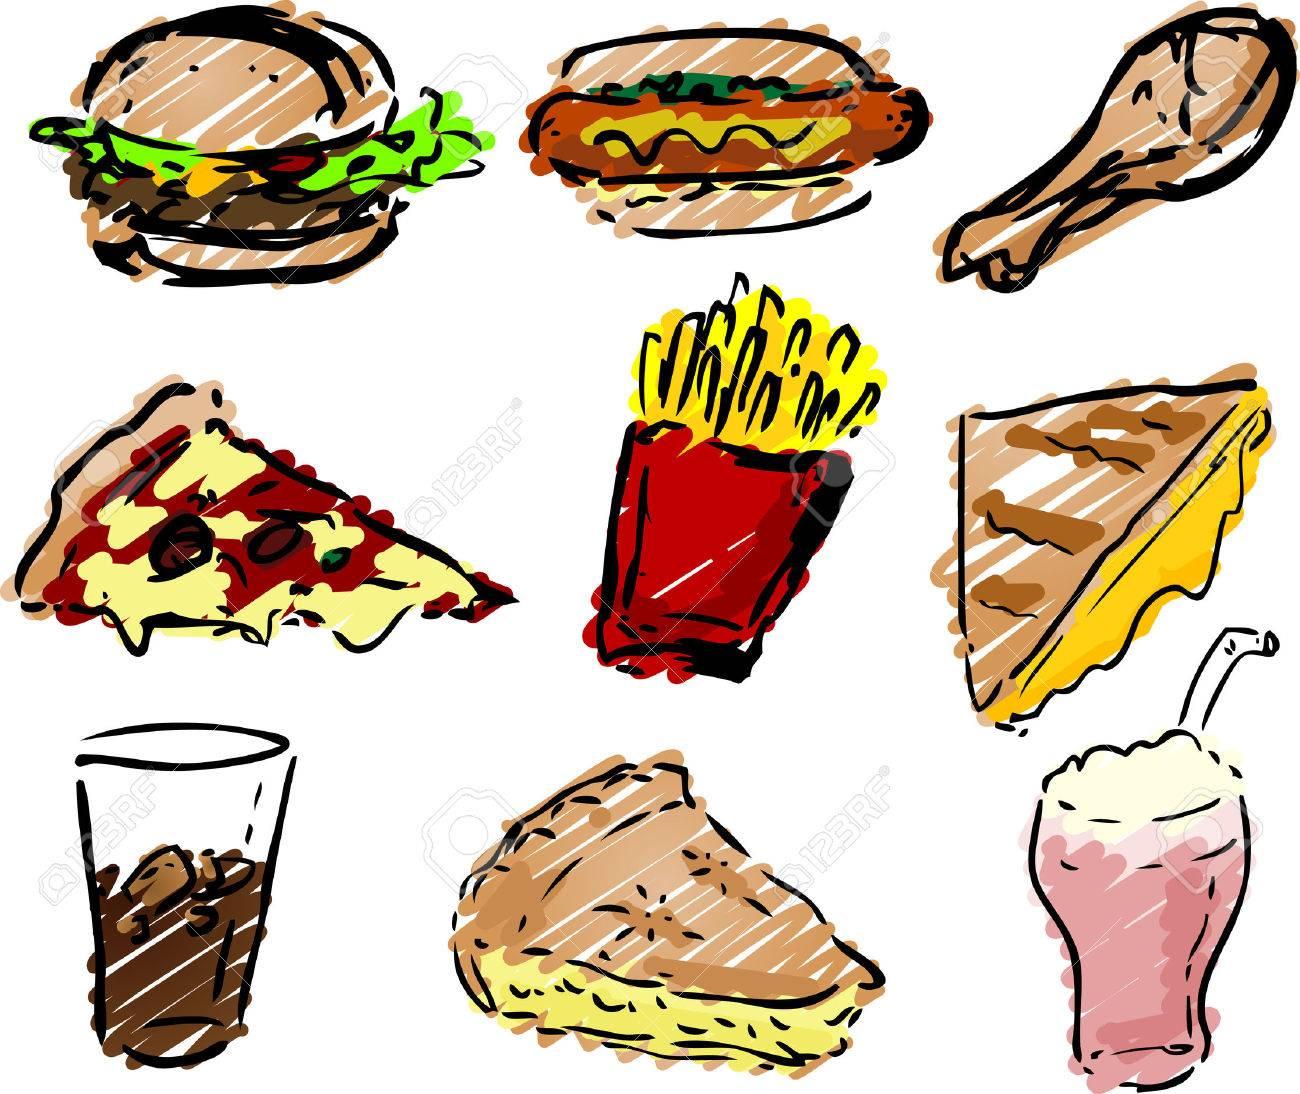 Comida Rápida Iconos, Dibujado A Mano Ver: Hamburguesas, Perros ...